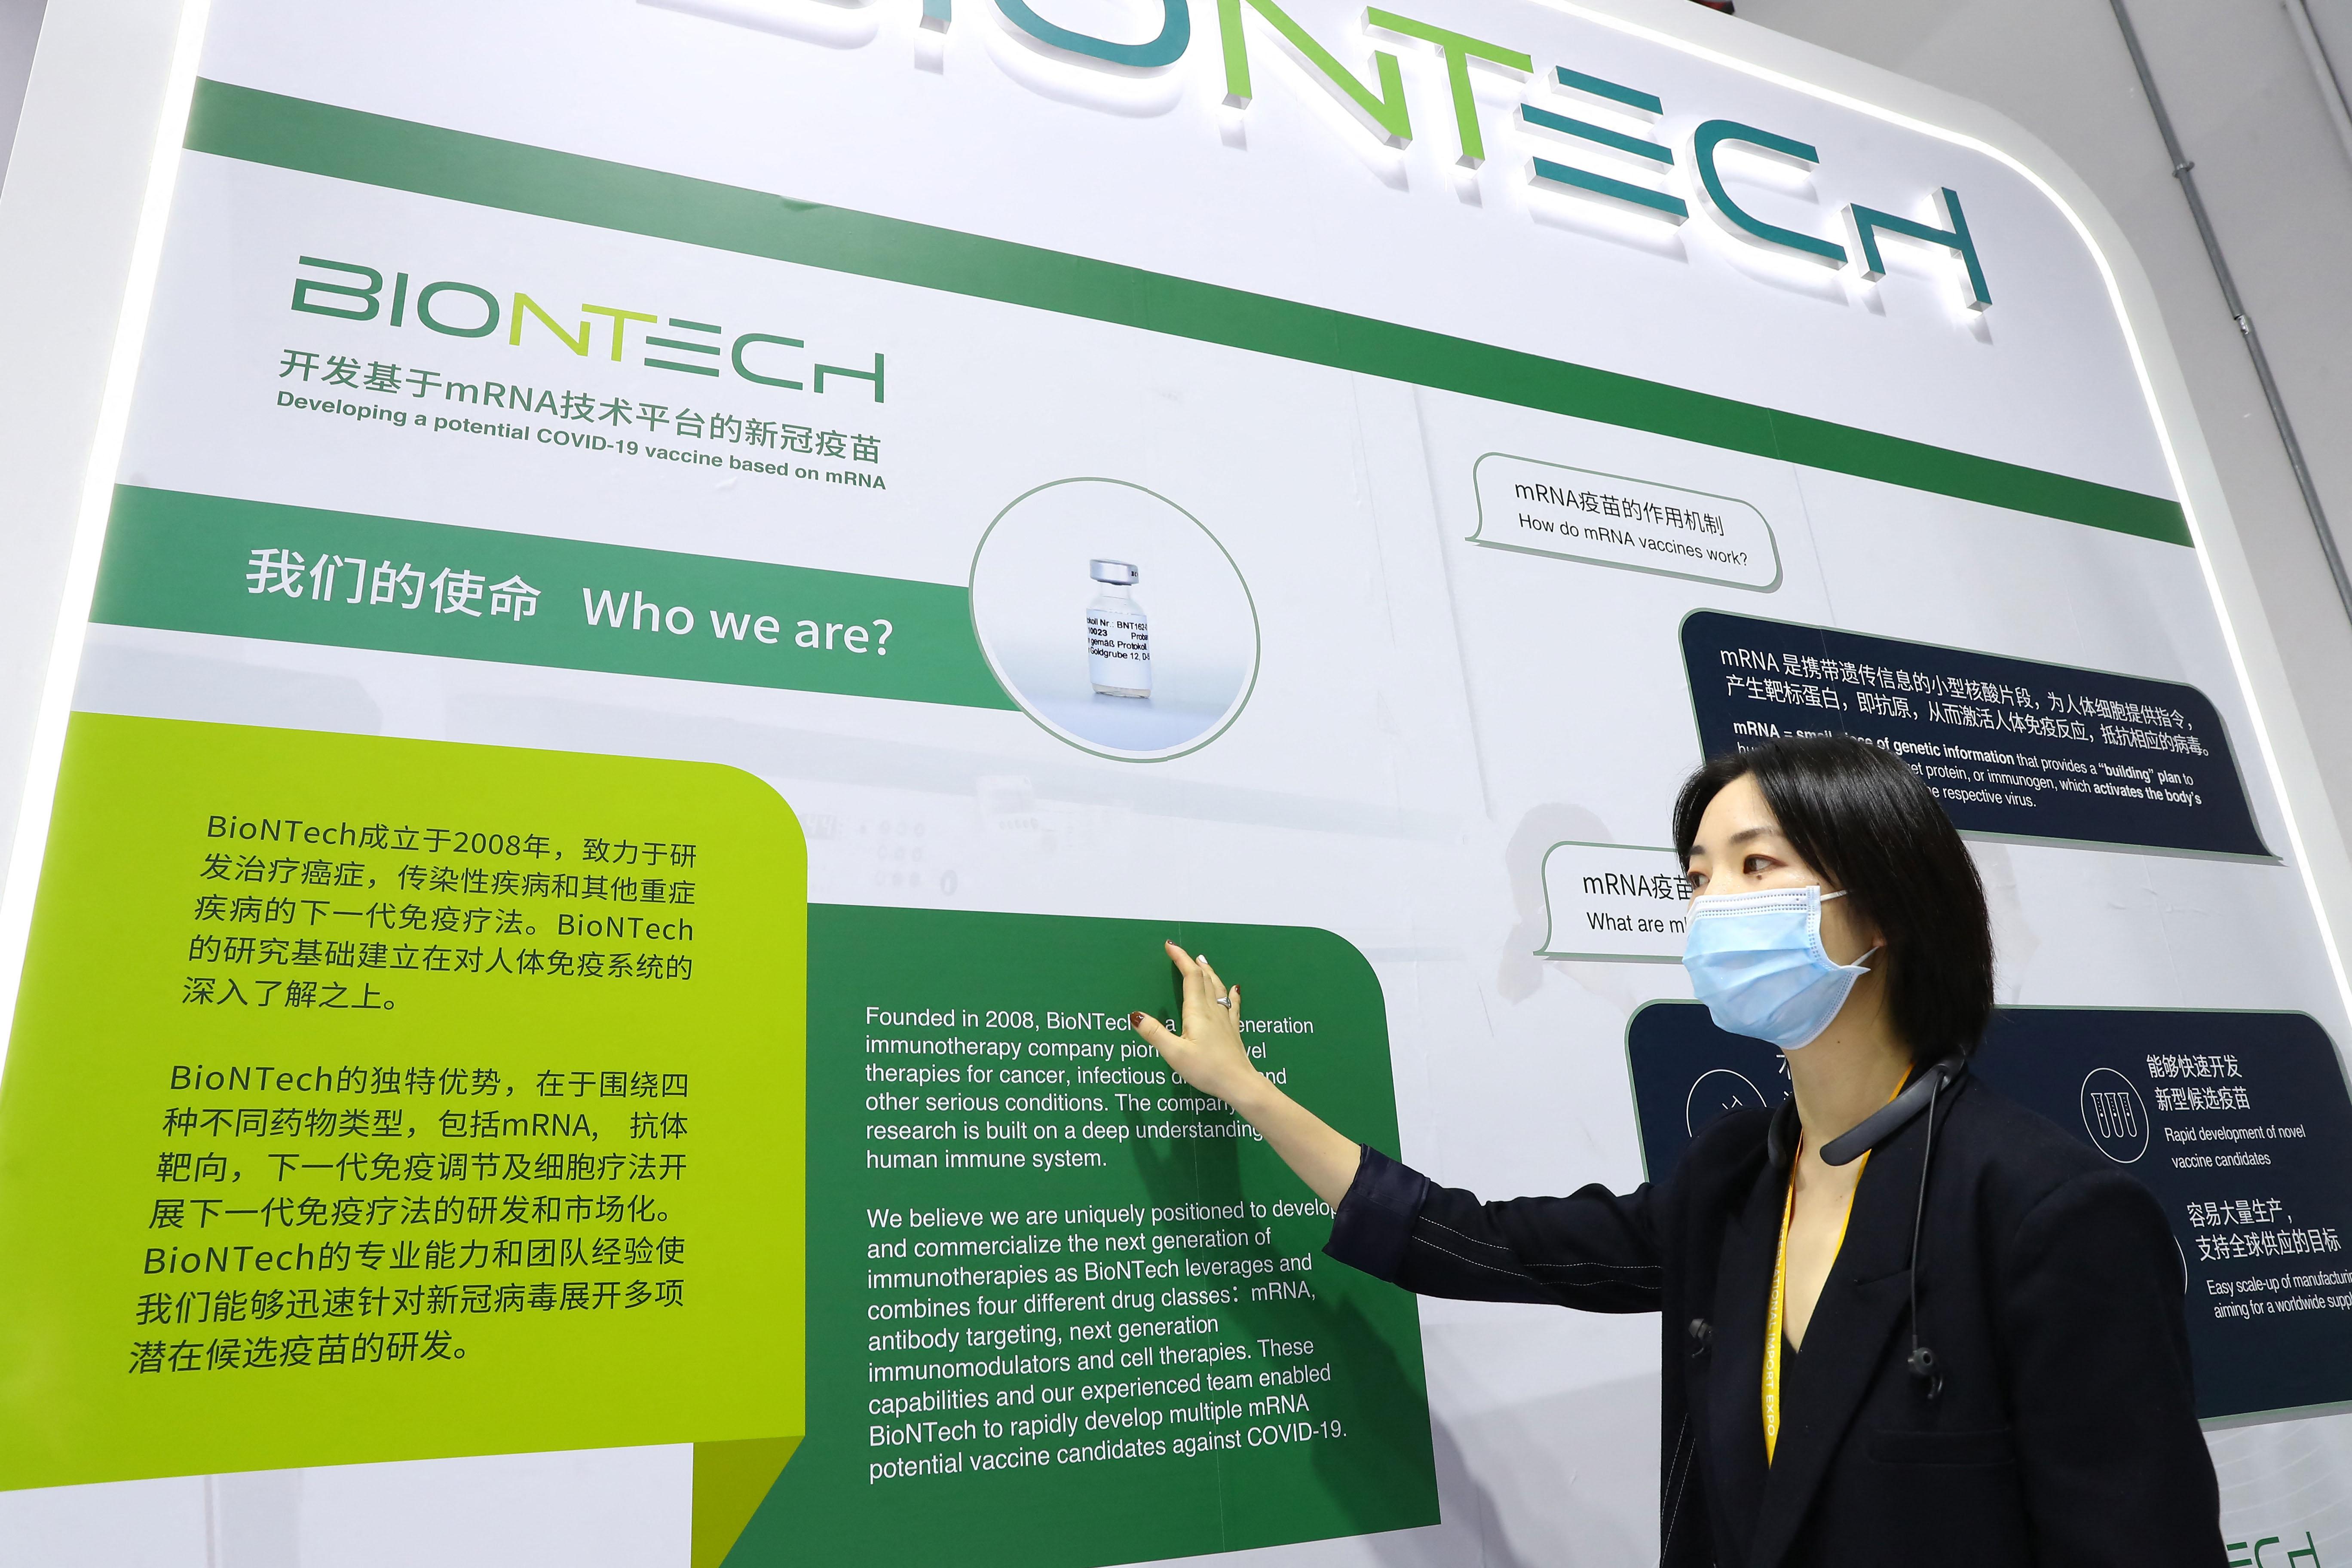 Kínában egy BioNTech-kel közösen fejlesztett mRNS-vakcinát tesztelnek, amit ismétlő oltásnak szánnak